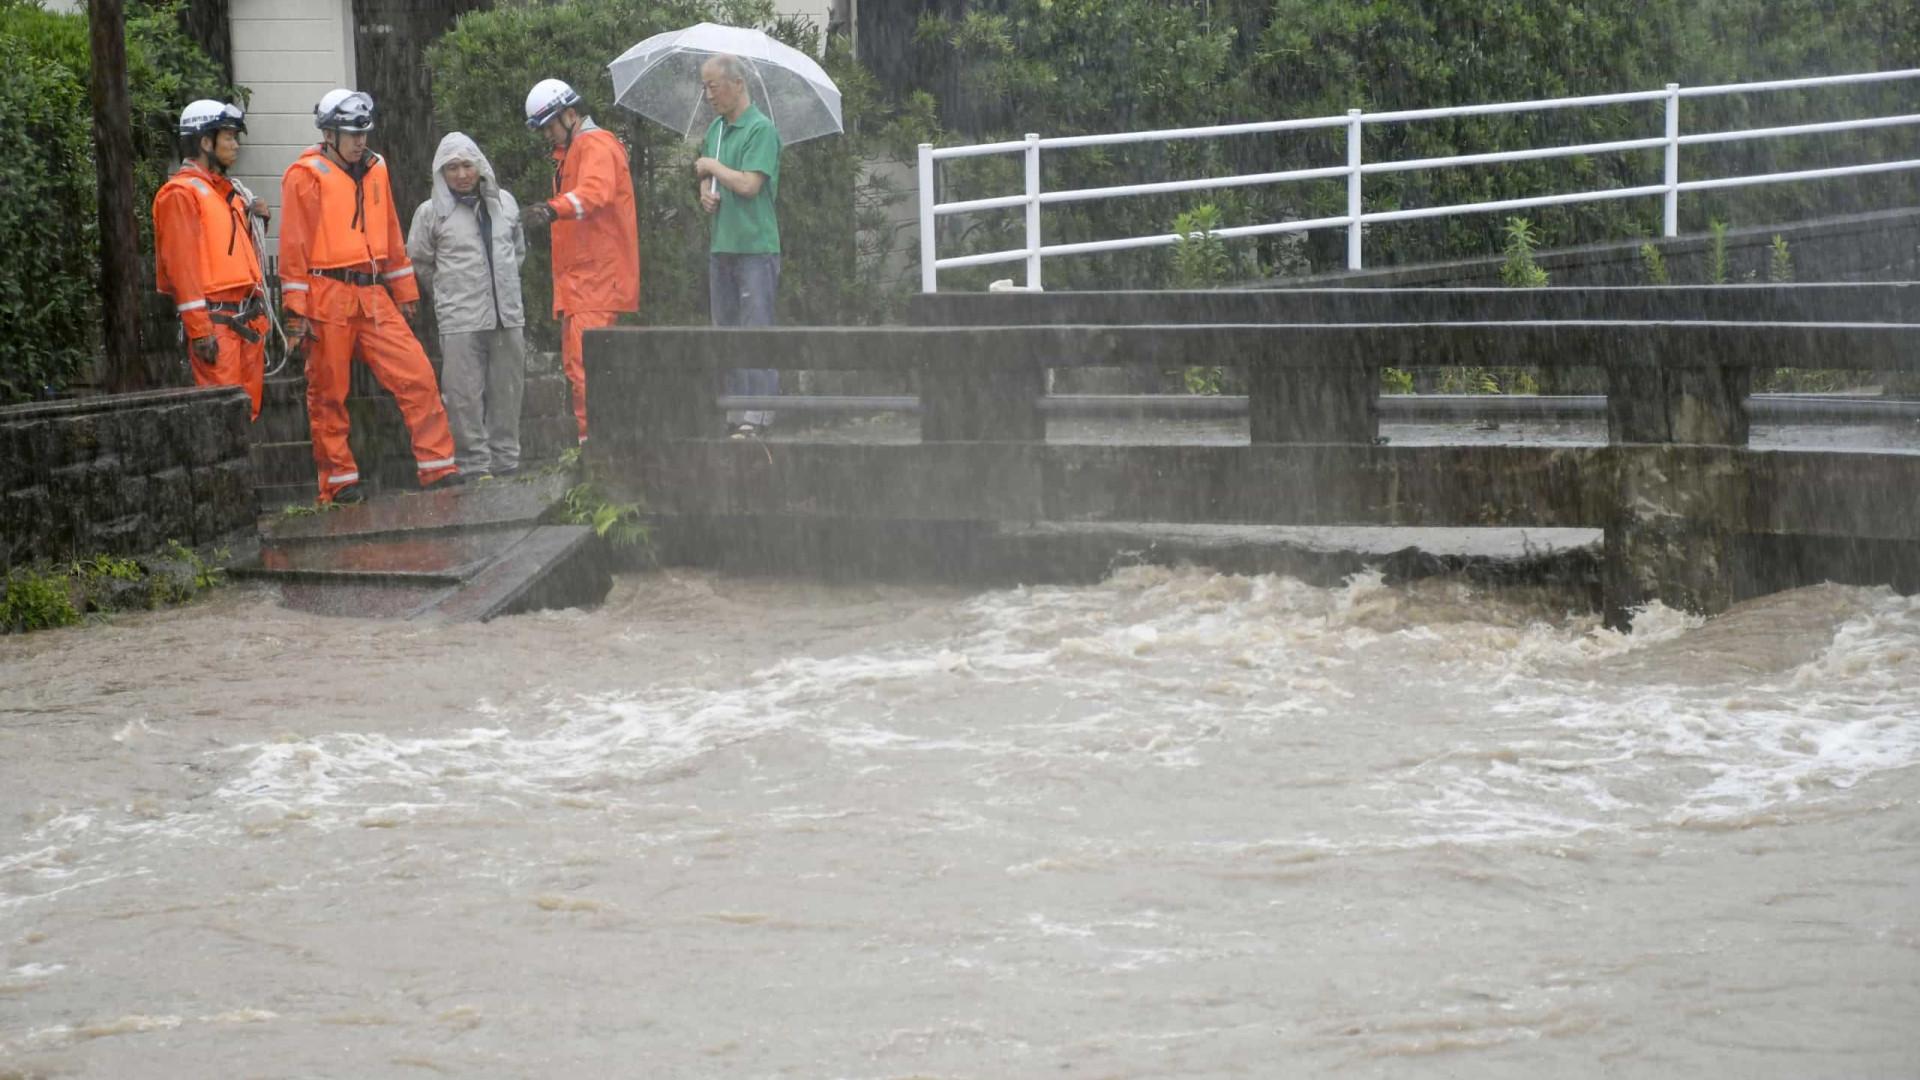 Japão ordena evacuação de 1 milhão de pessoas após fortes chuvas